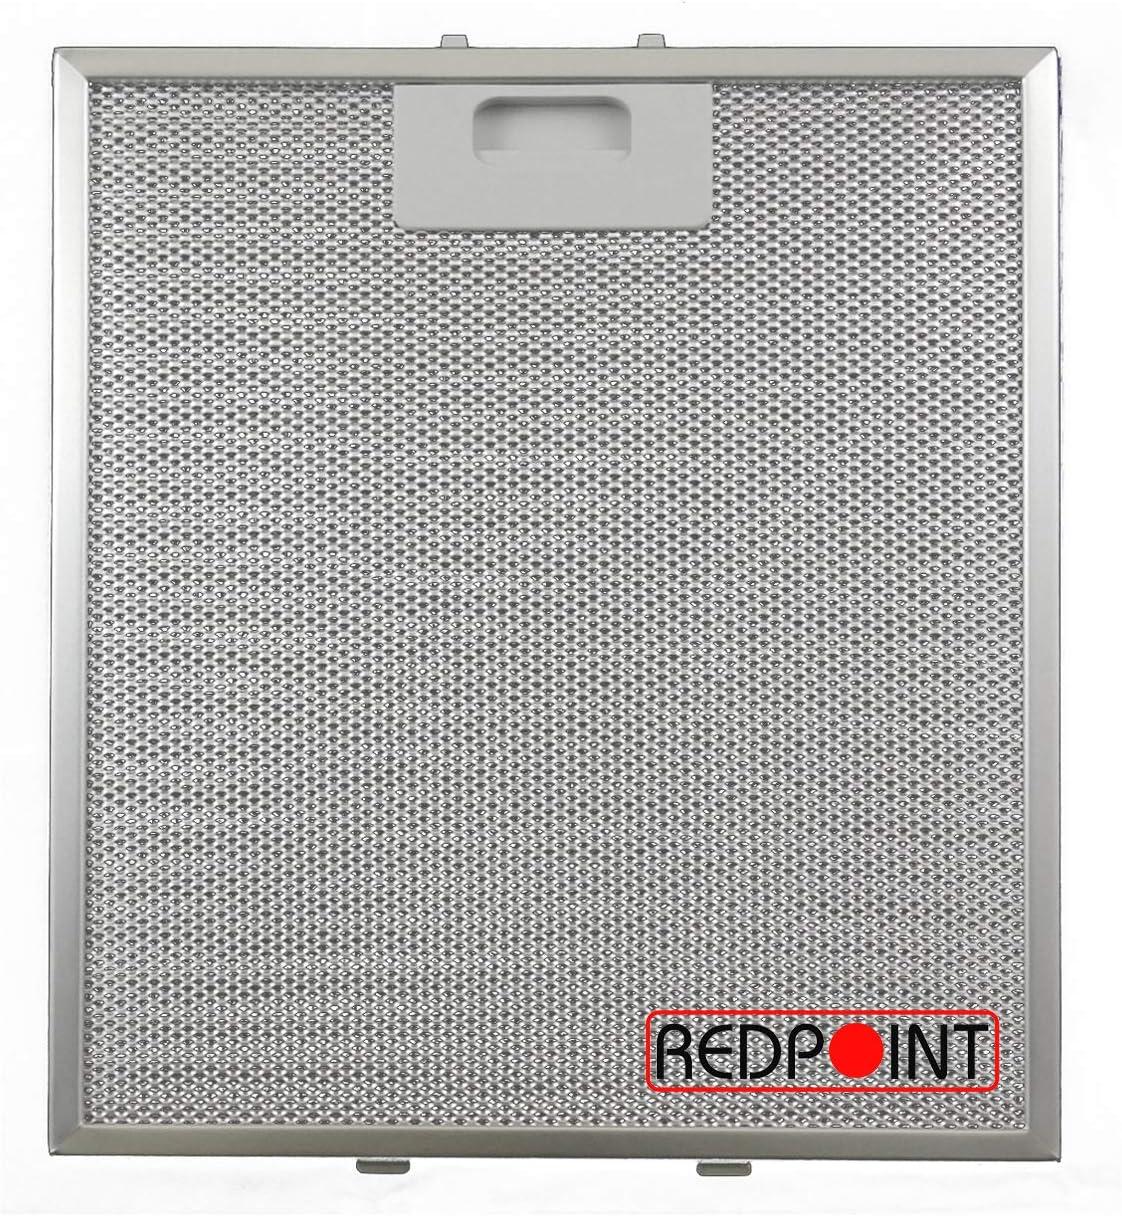 Redpoint® - Filtro de aluminio para campanas 267 x 305 x 9 mm - Adaptabilidad: